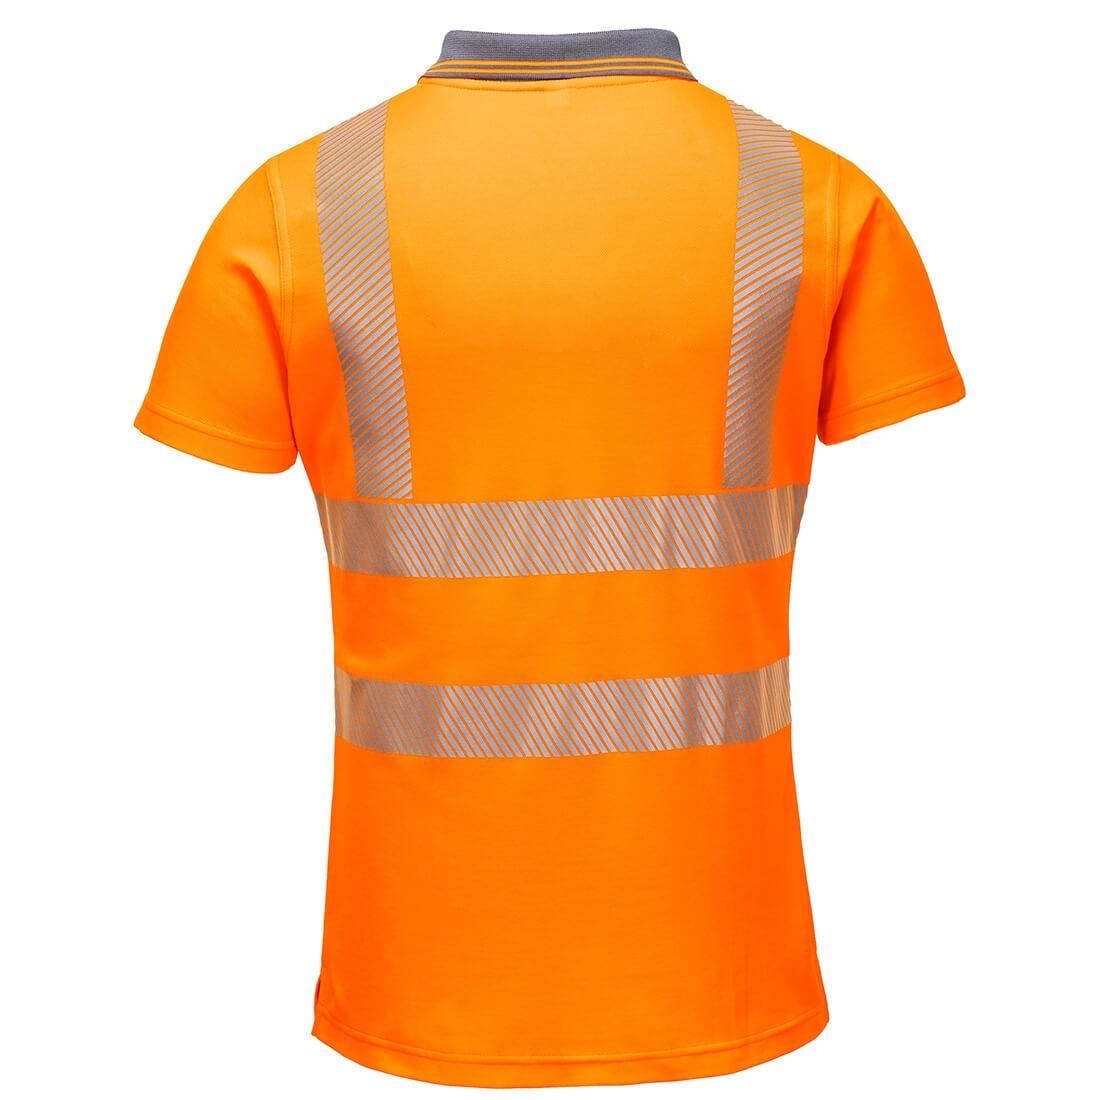 Tricou Polo de Dama Pro - Imbracaminte de protectie